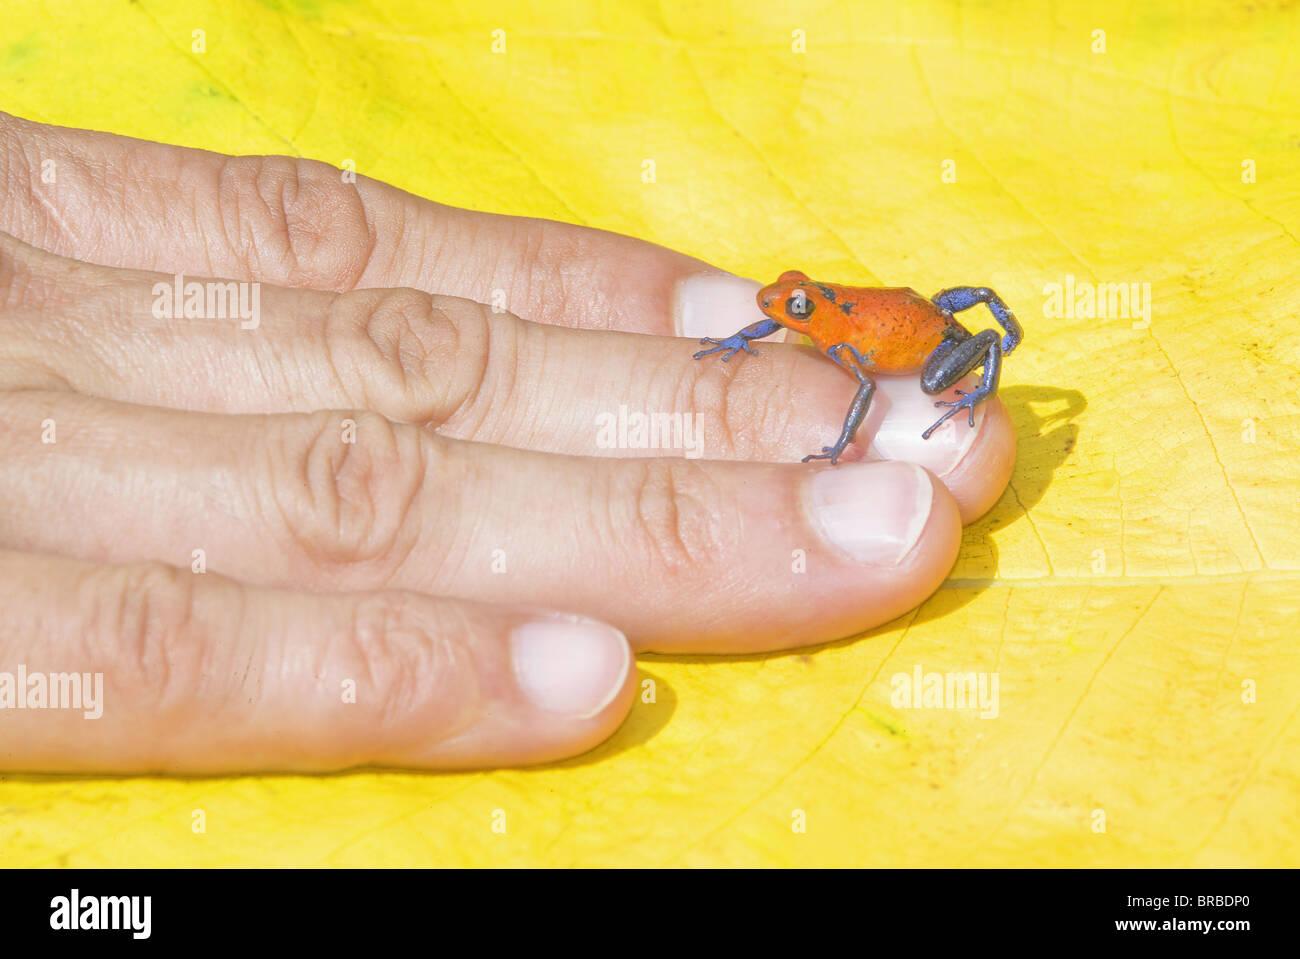 Blue jeans sapo dardo (Dendrobates pumilio) en la mano humana, Costa Rica, Centroamérica Imagen De Stock